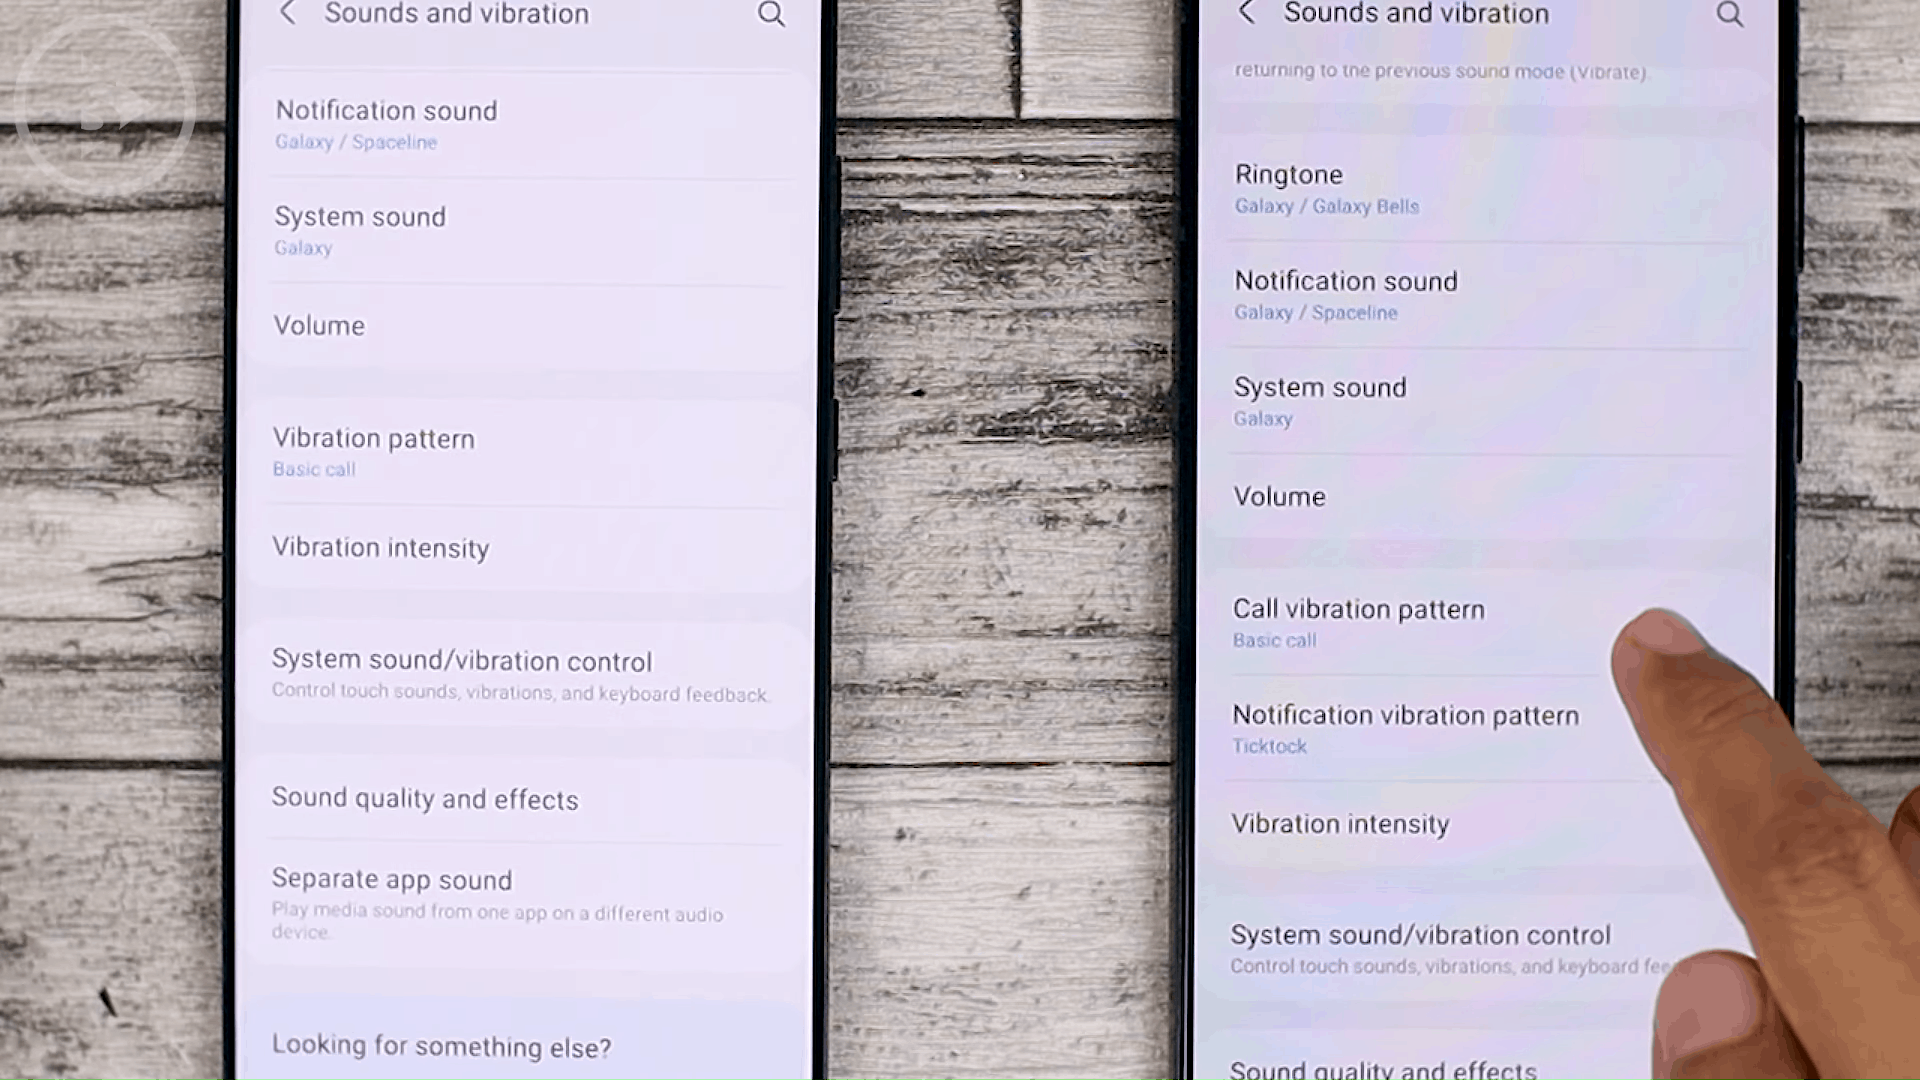 Notification Vibration Pattern - Cek Fitur Terbaru One UI 3.1 di Samsung S21+ yang Belum Tersedia di One UI 3.0 Samsung S20+ (PART 2)